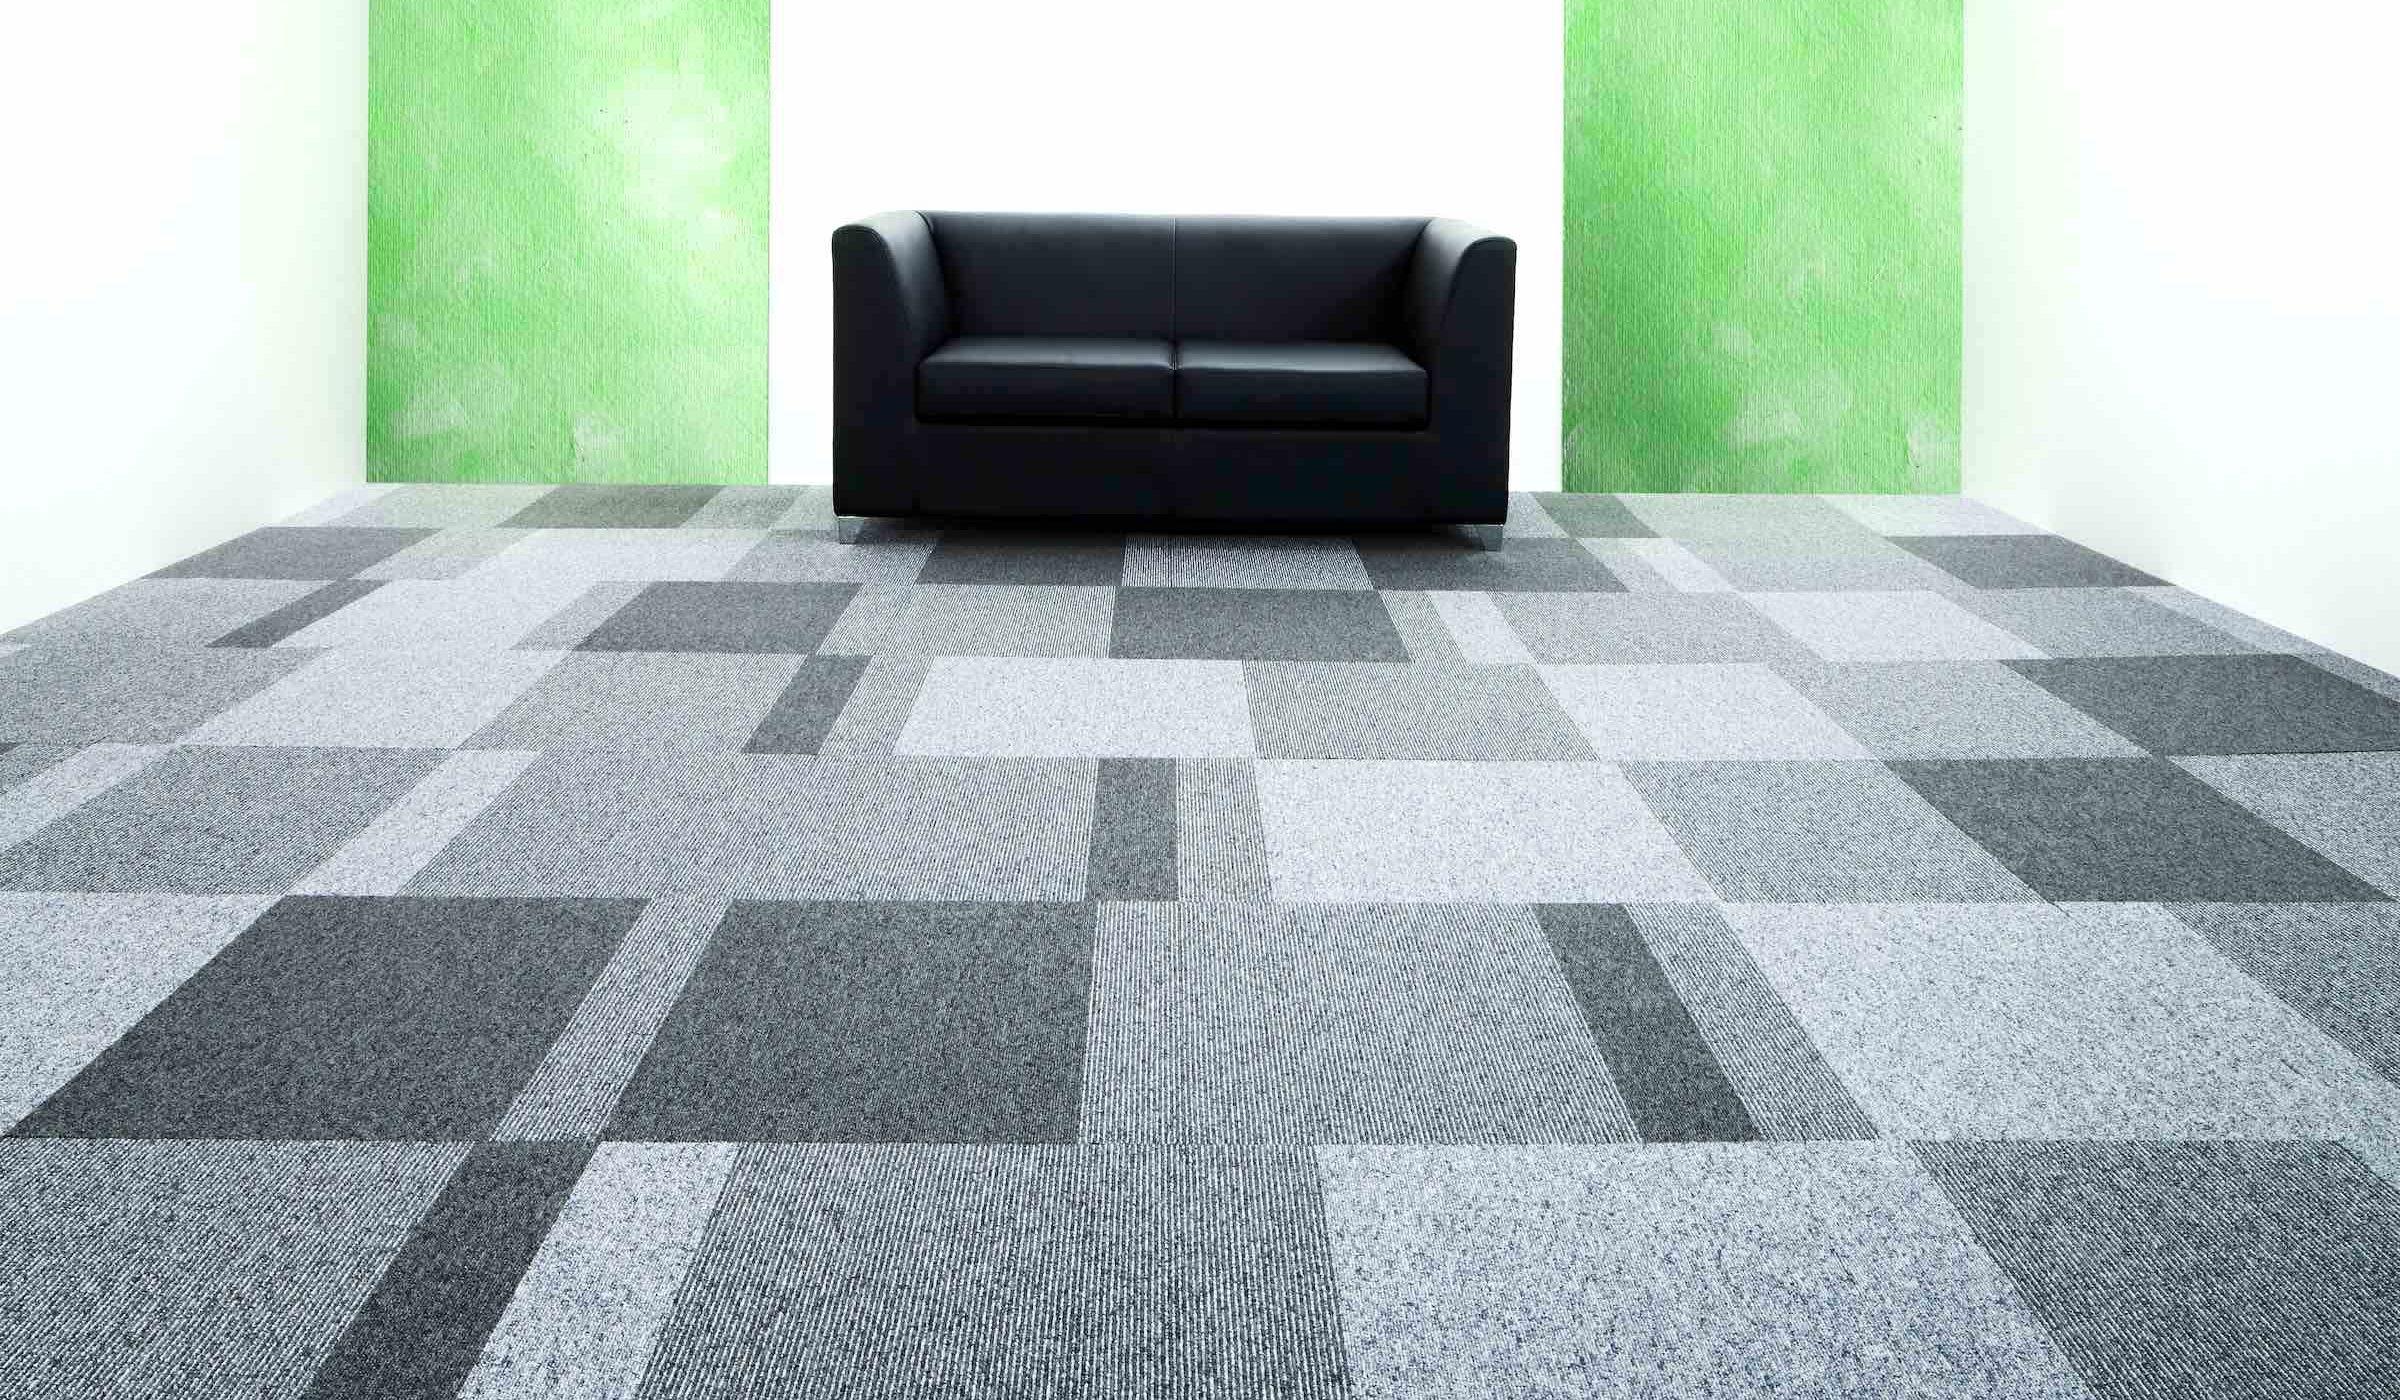 Total Contrast | Paragon Carpet Tiles | Commercial Carpet Tiles | Design Carpet Tiles 4